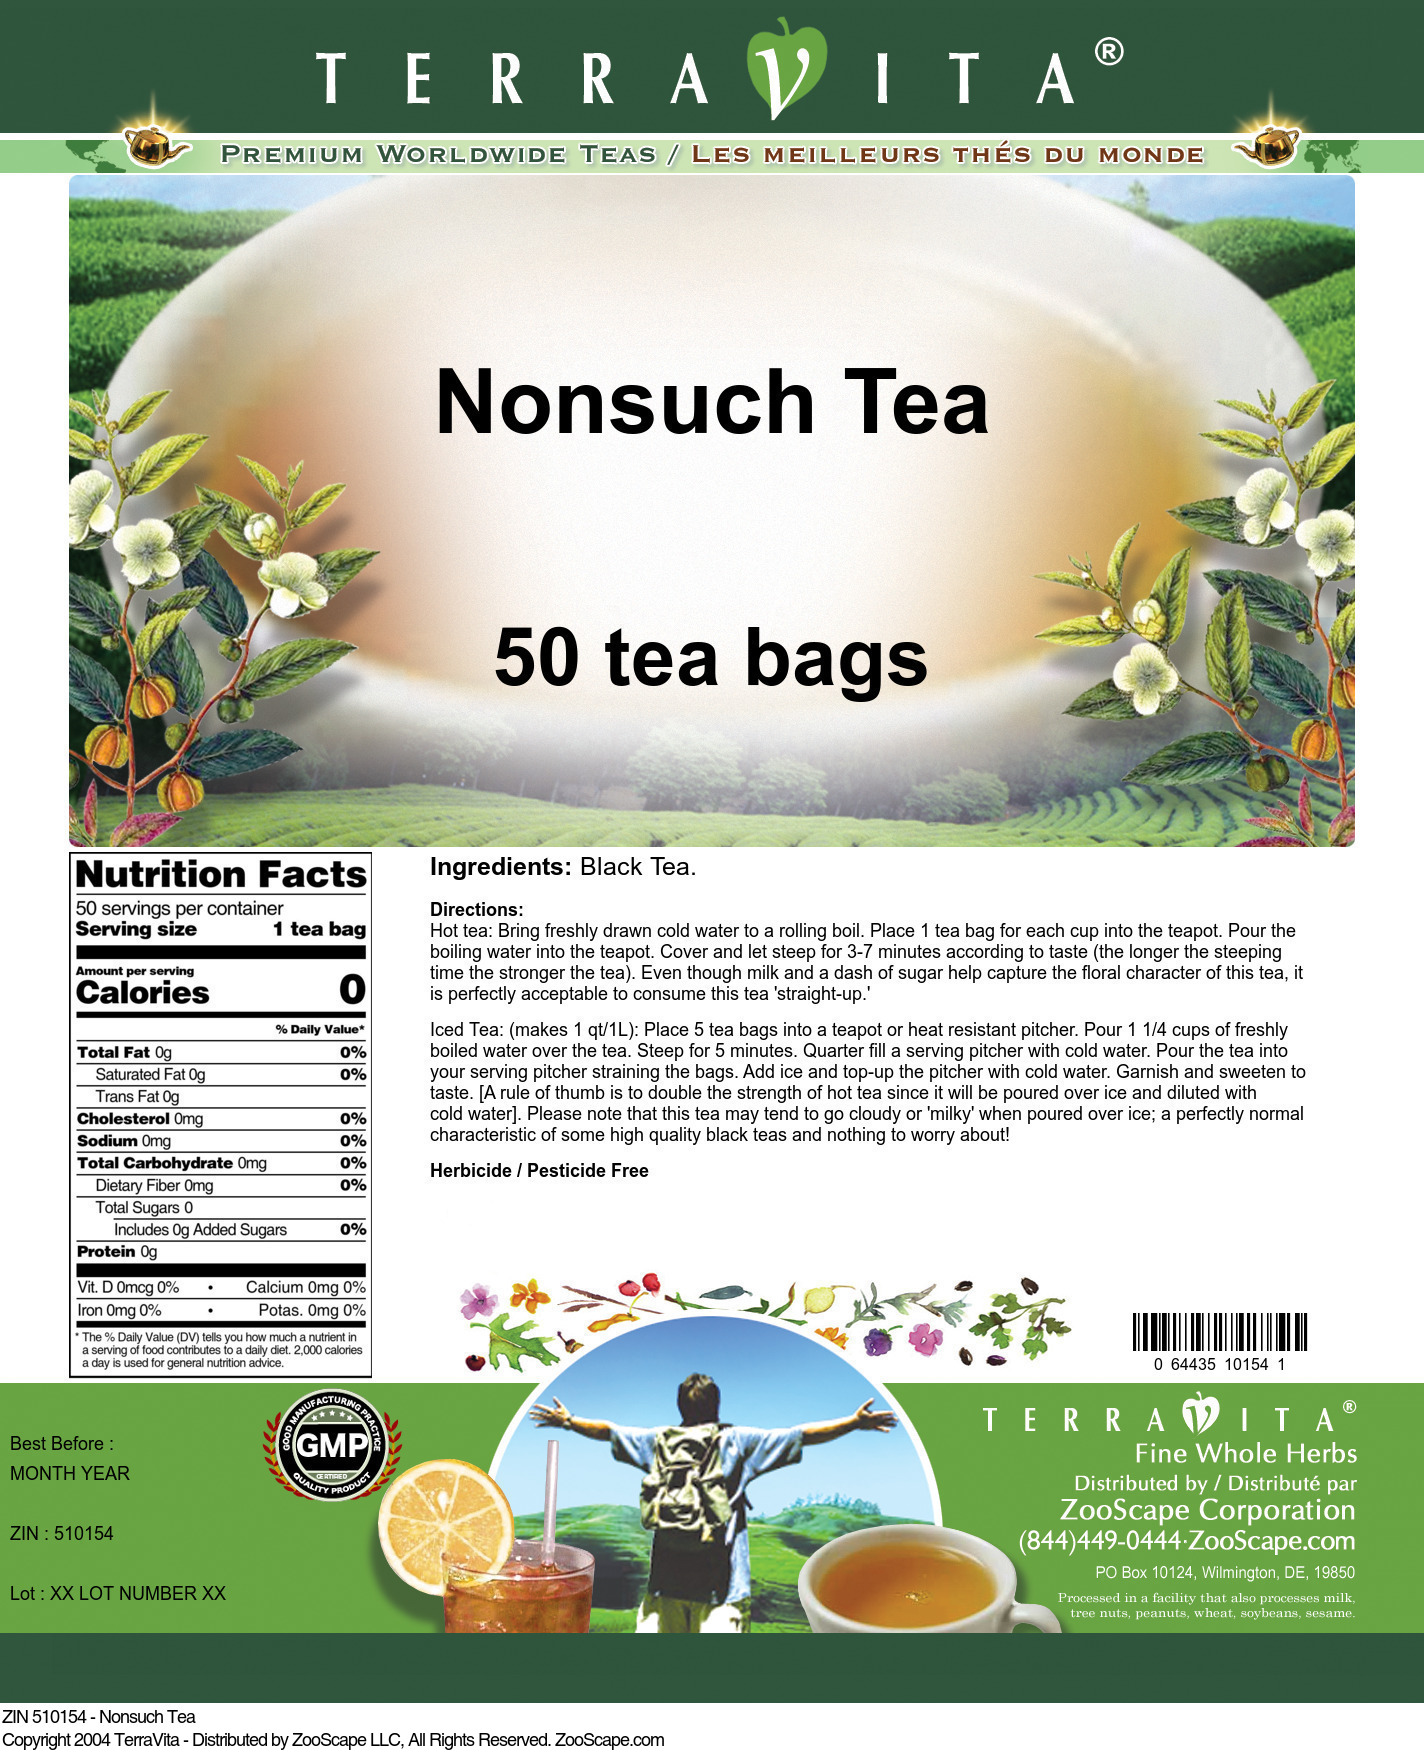 Nonsuch Tea